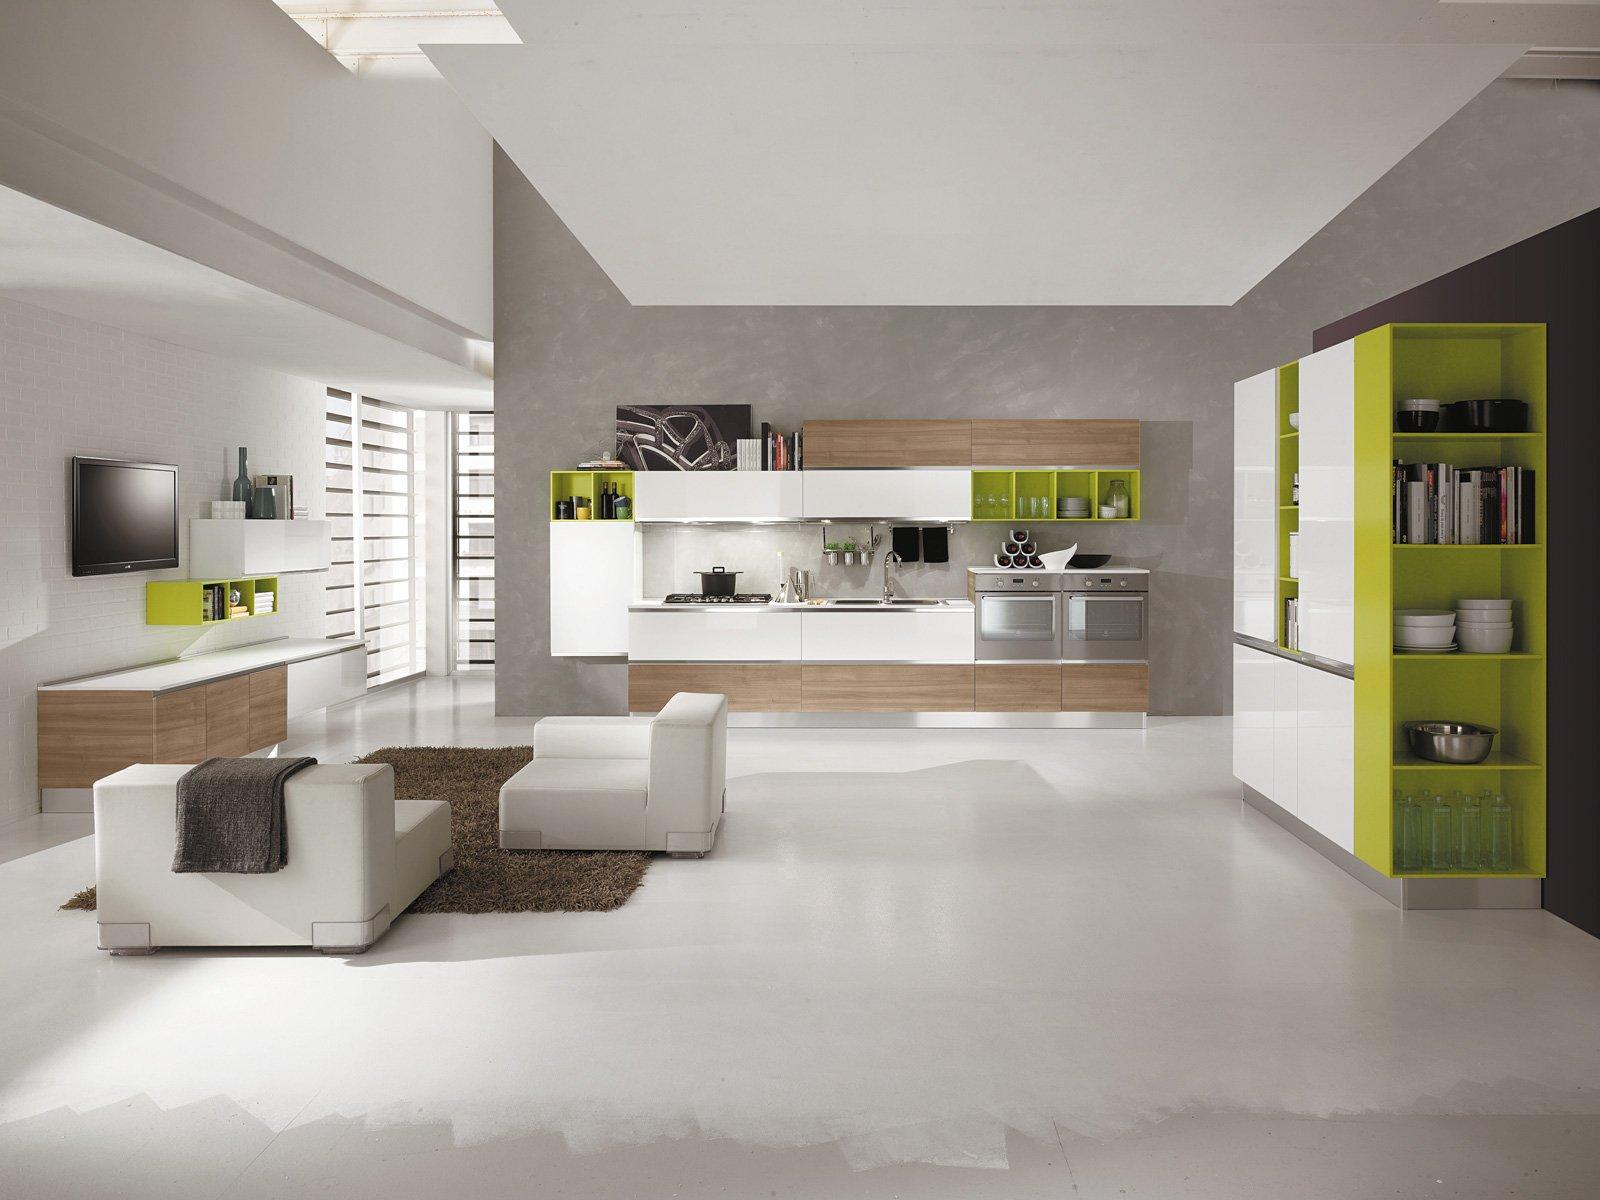 Cucine living con vani a giorno cose di casa - Elementi cucina componibile ...